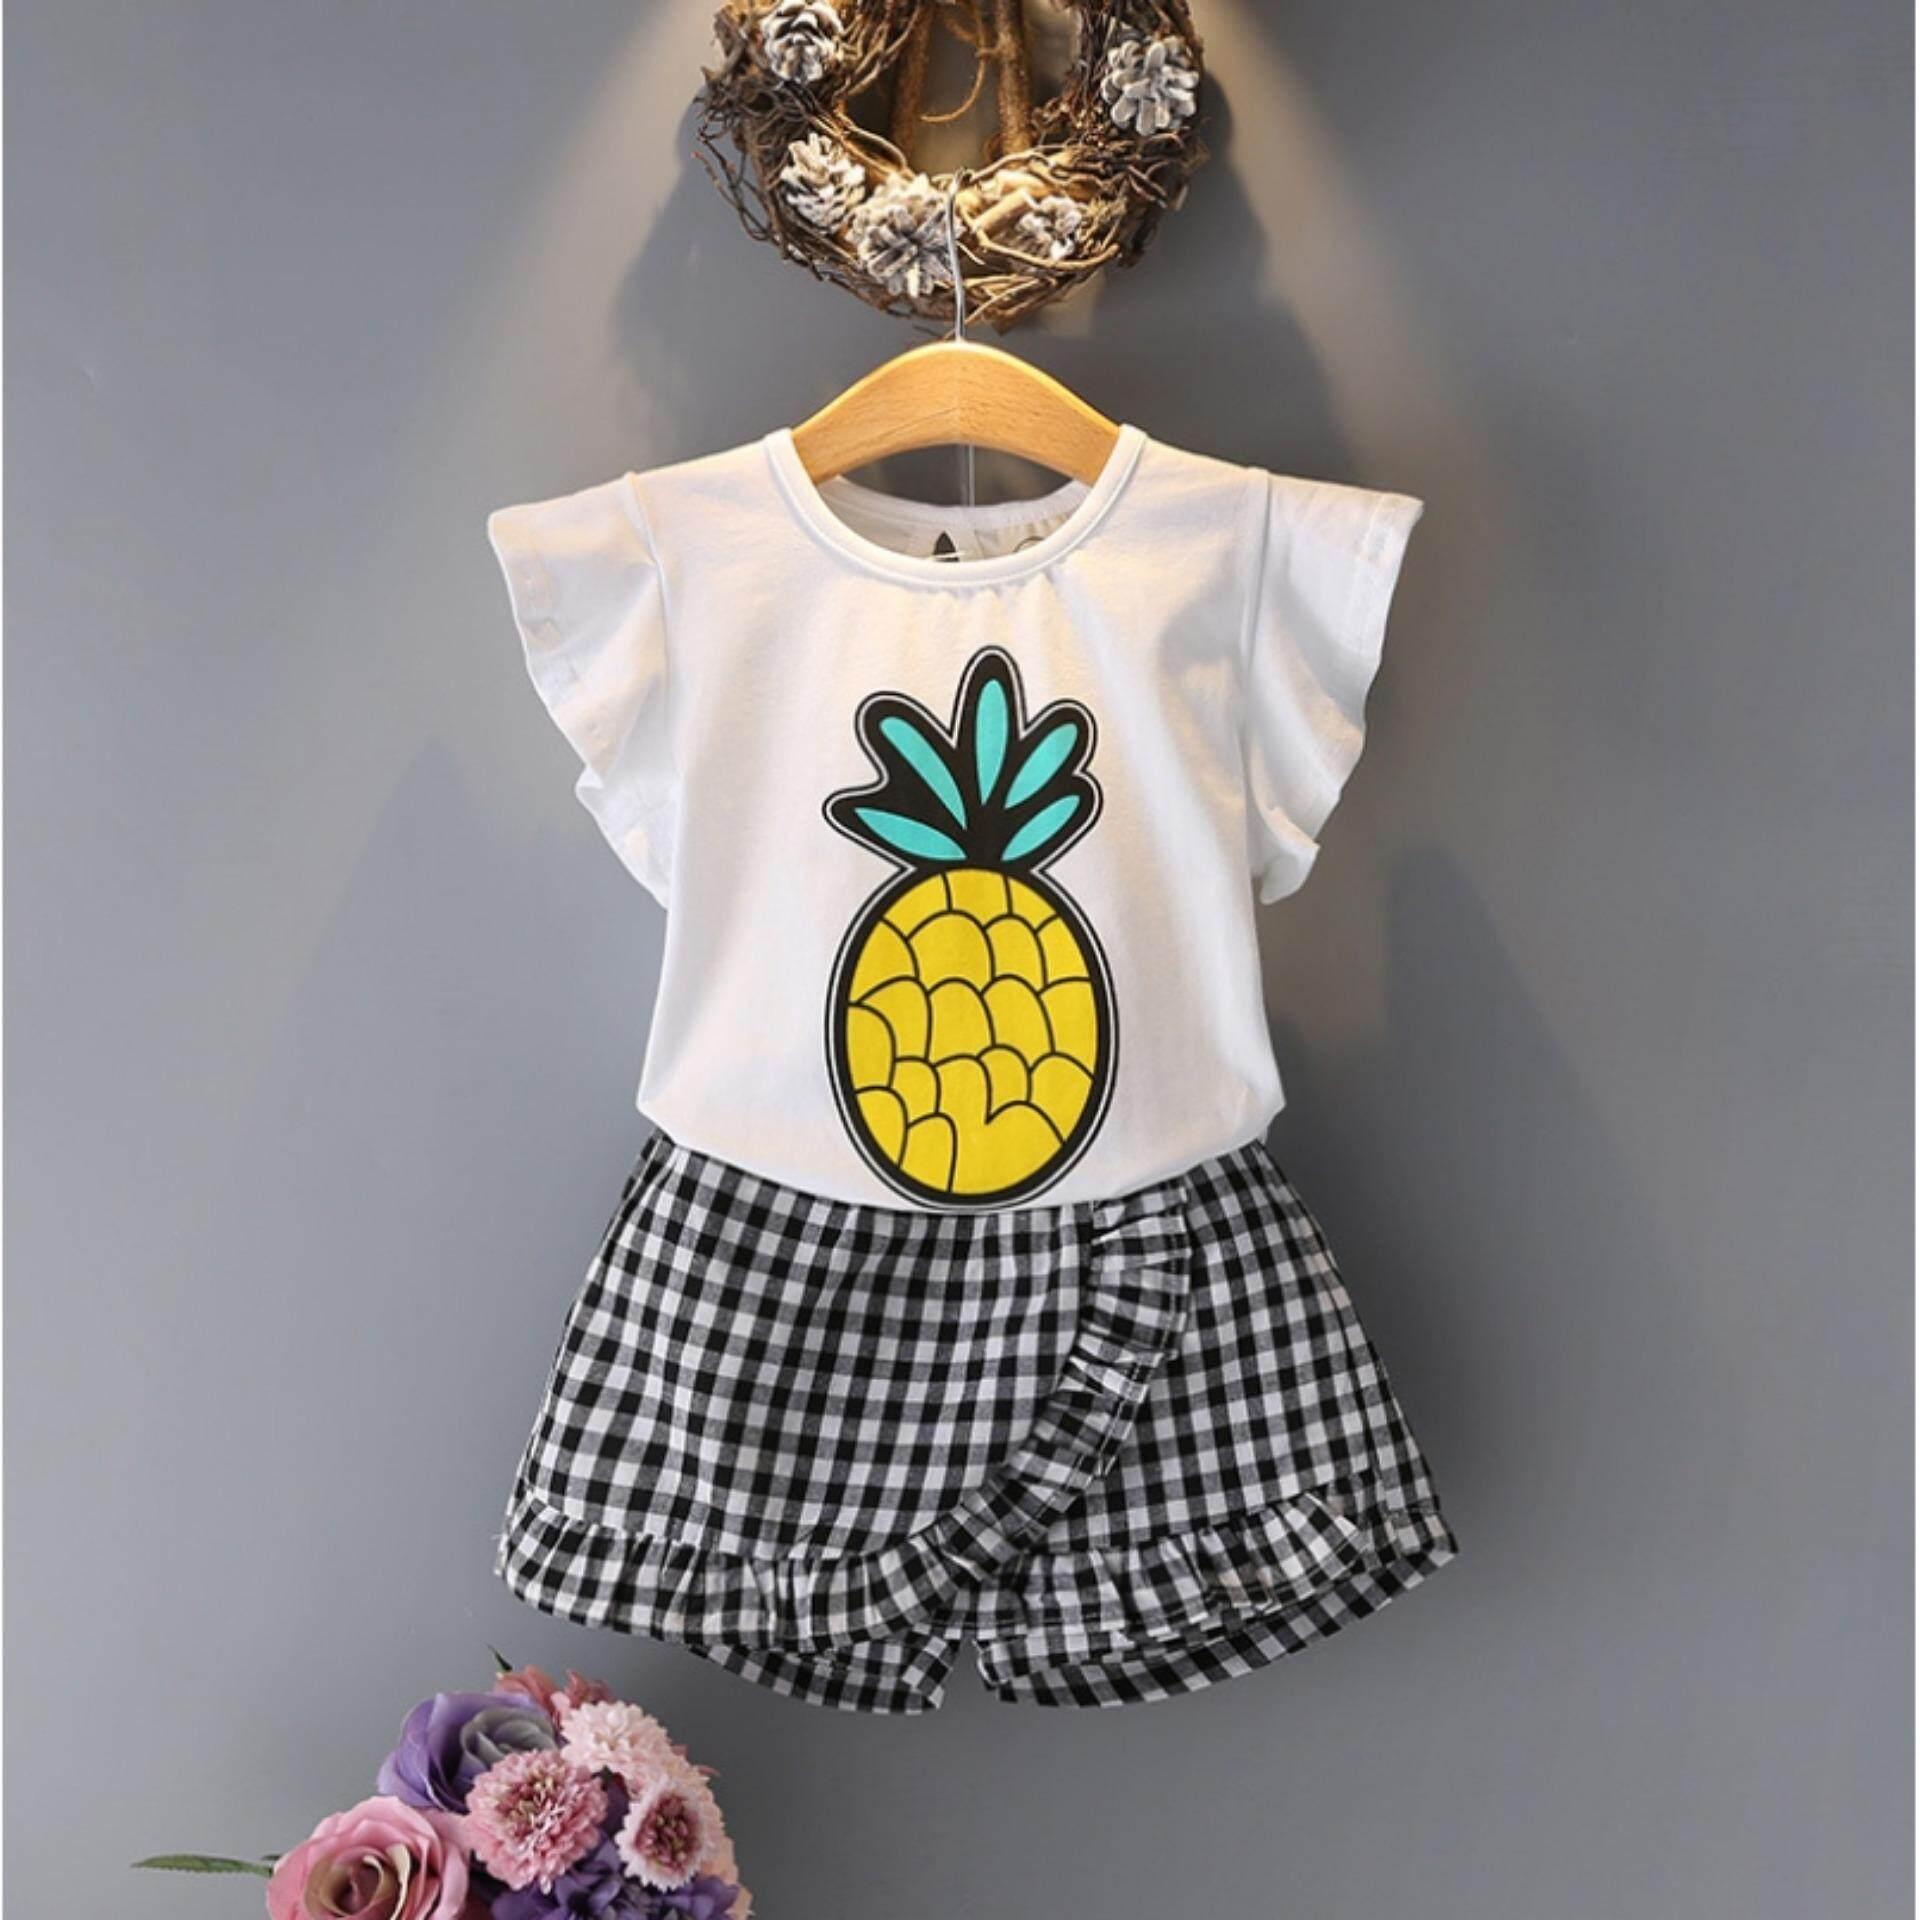 เสื้อยืดลายสับปะรด+กางเกงกระโปรง Kids Clothes ผ้านุ่มใส่สบาย ไซส์ 70-140 ซม./6 เดือน-10 ปี By Pae Kids Shop.